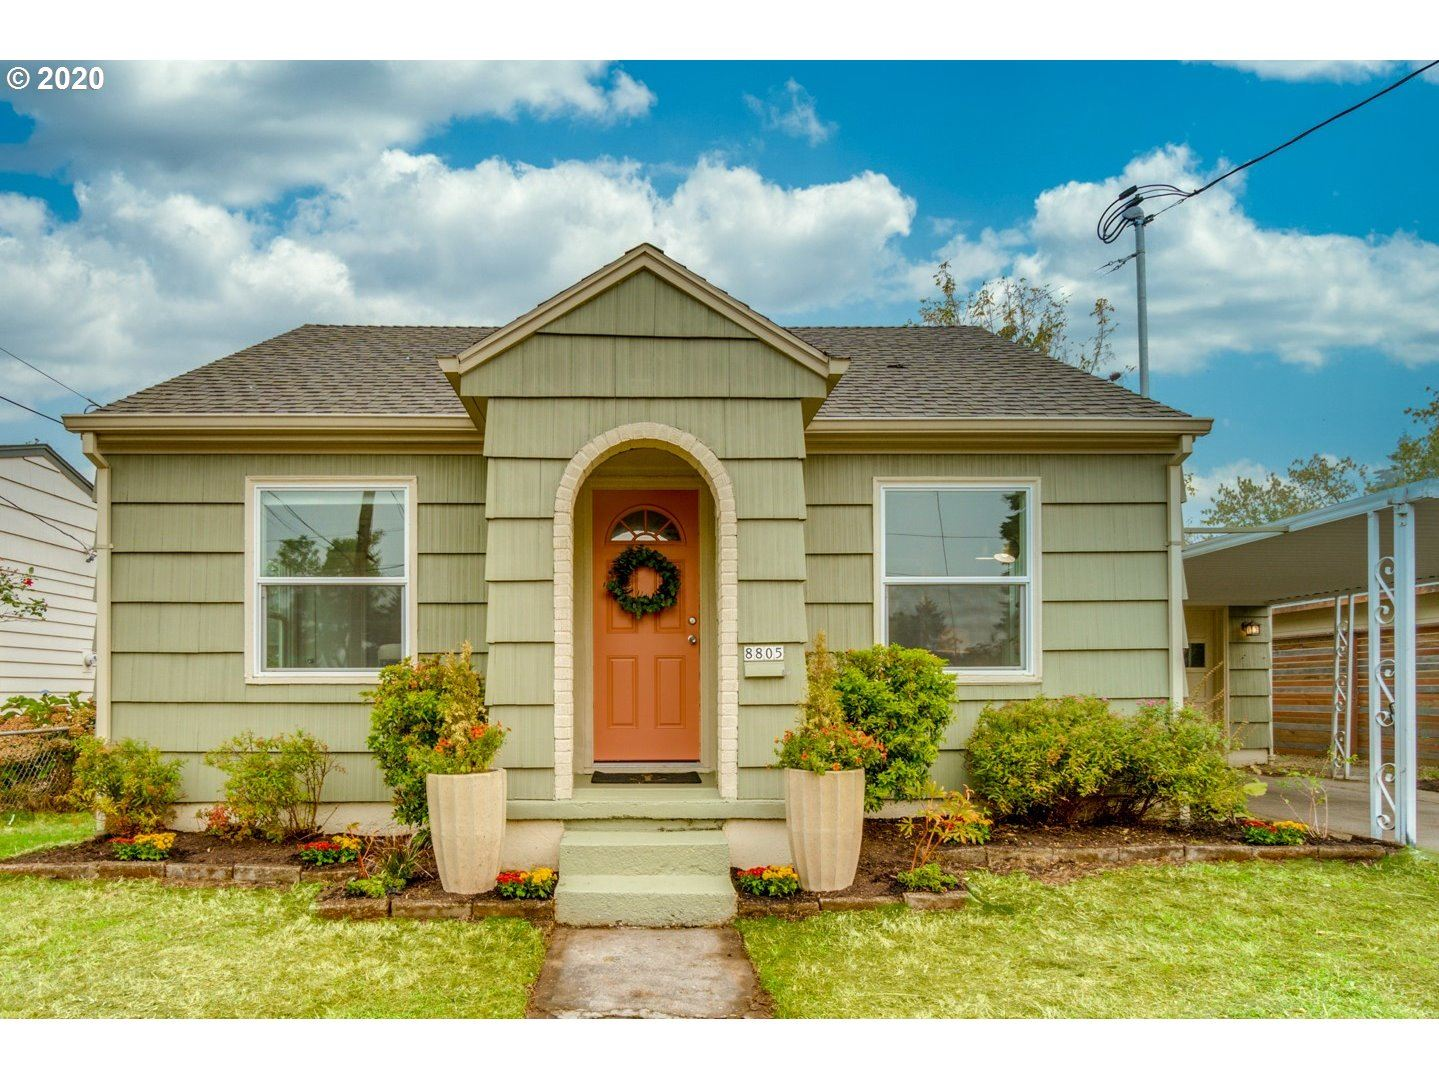 8805 E BURNSIDE ST, Portland, OR 97216 - MLS#: 20670040